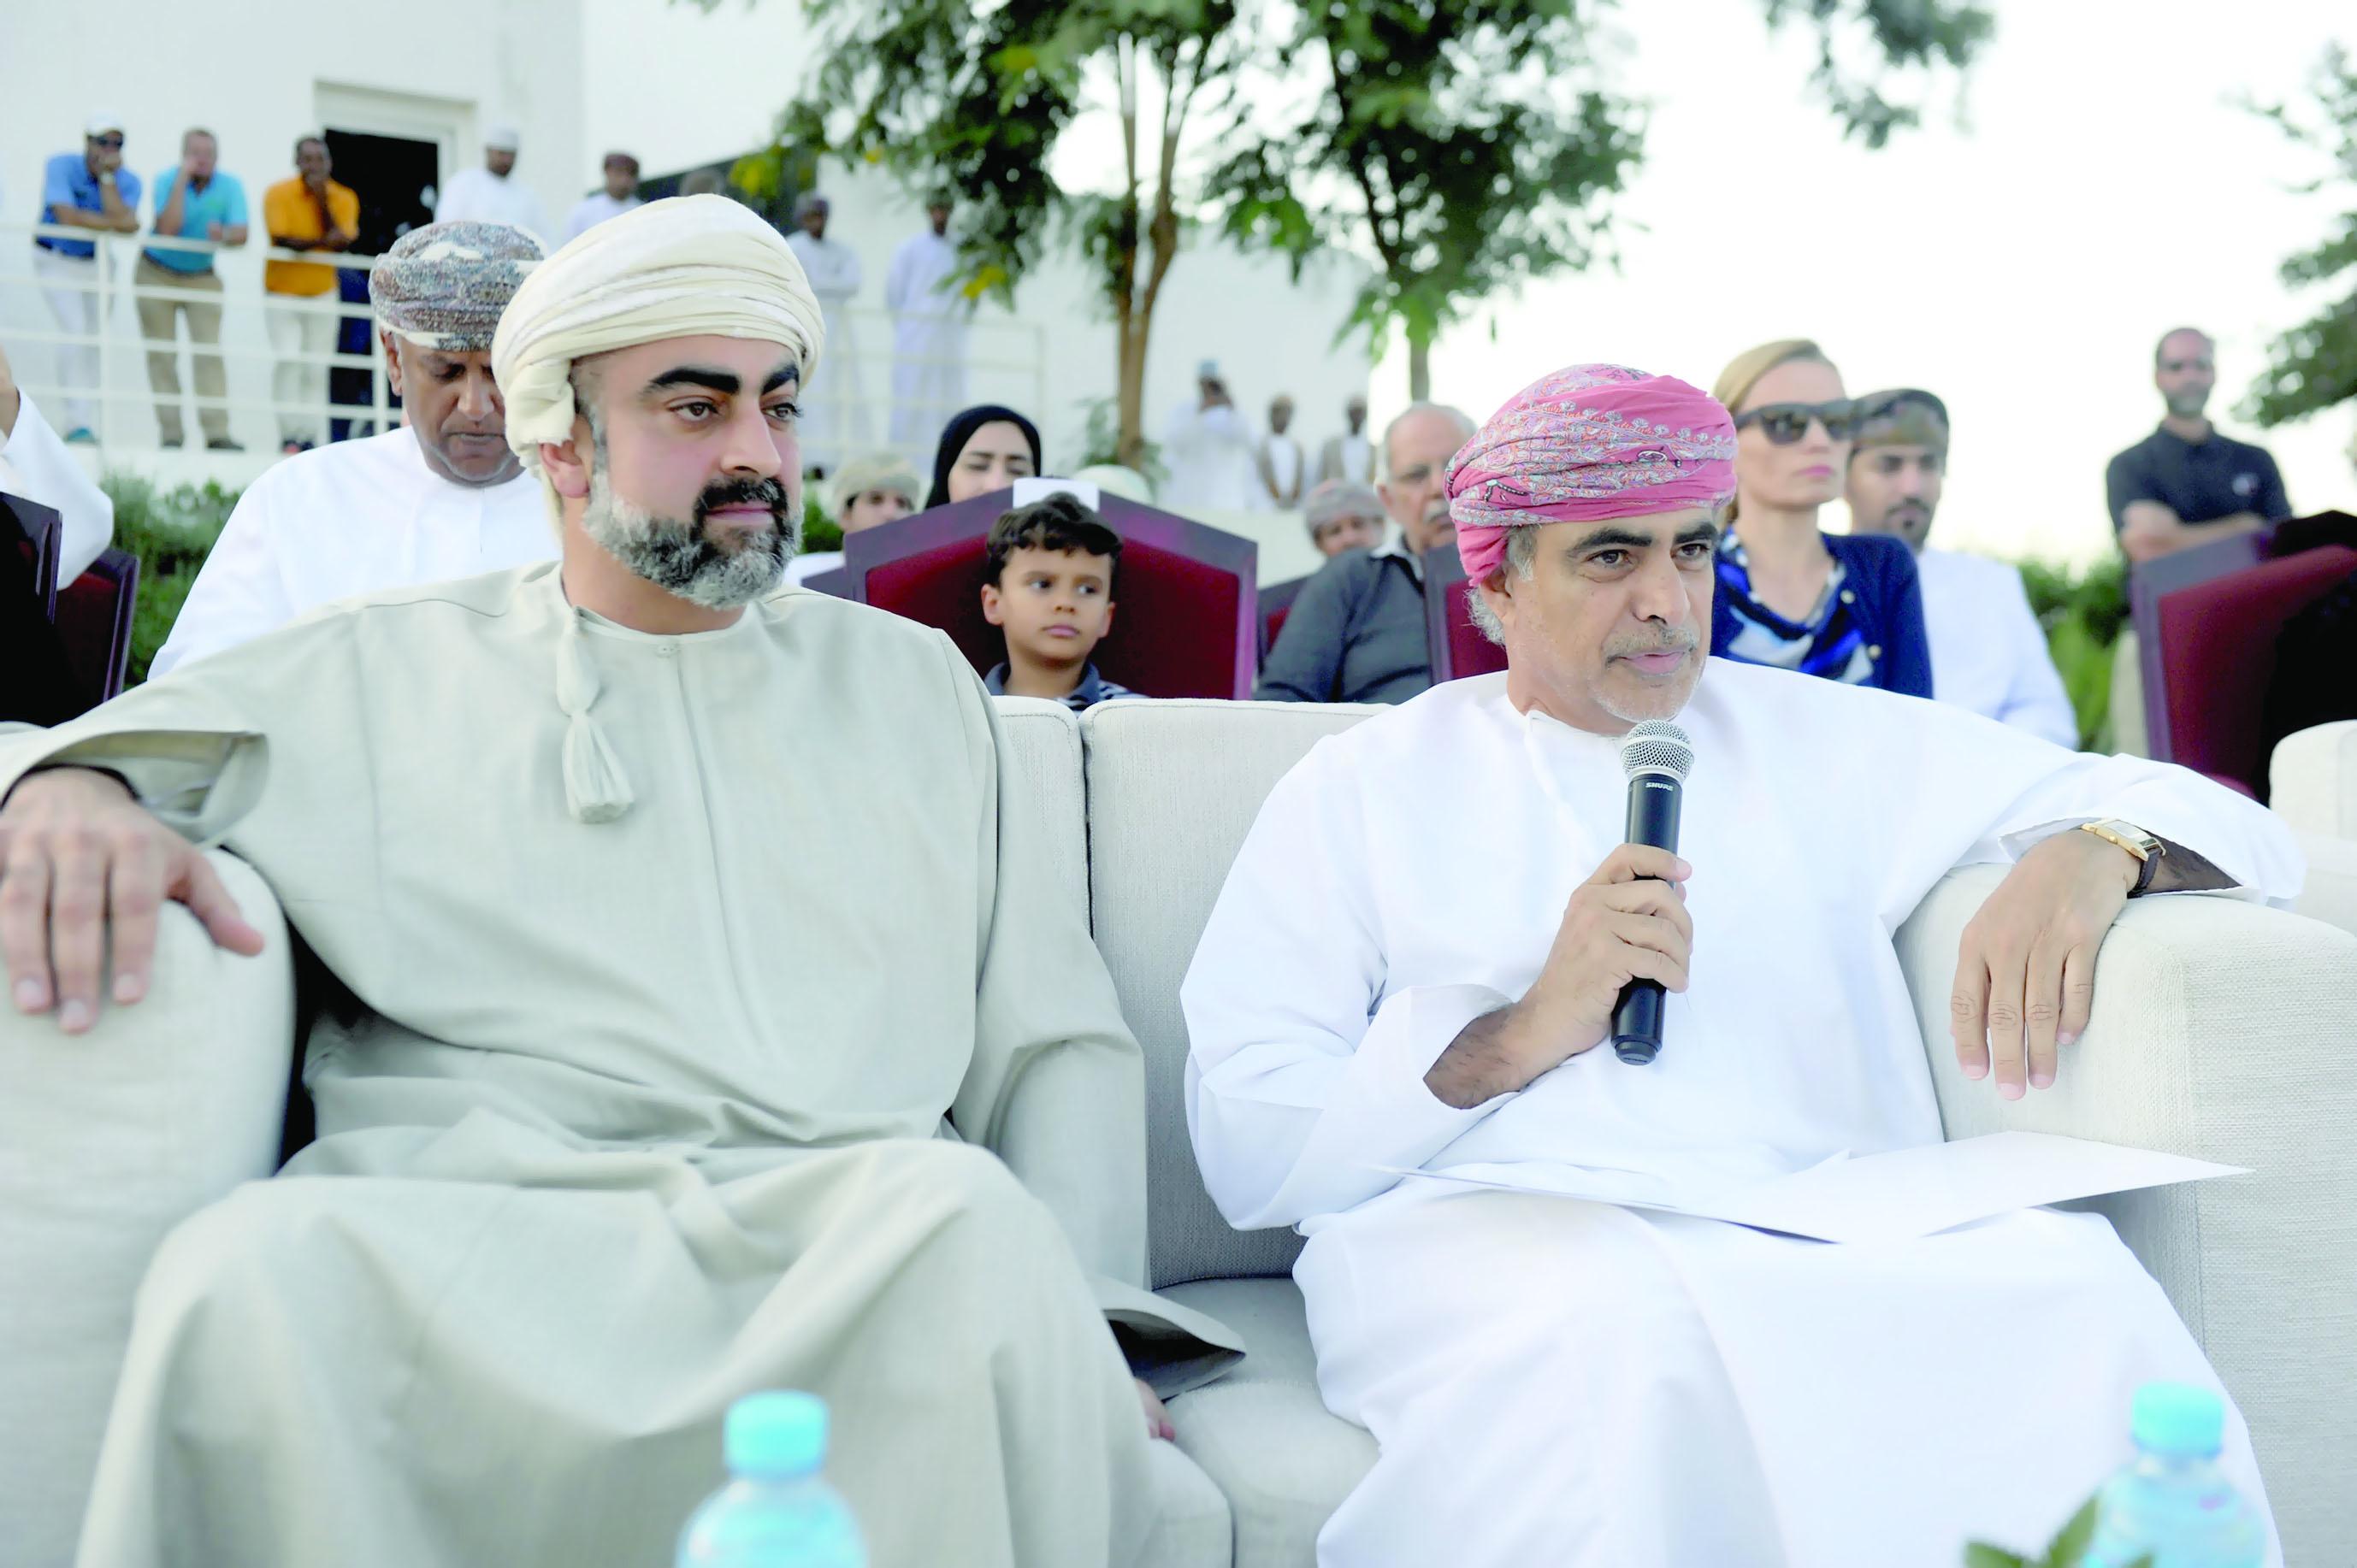 افتتحت أمس وتنطلق اليوم منافسات الجولة الأولى مسقط العامرة تلم شمل الخليجيين وتنجح بالعلامة الكاملة في لعبة الجولف